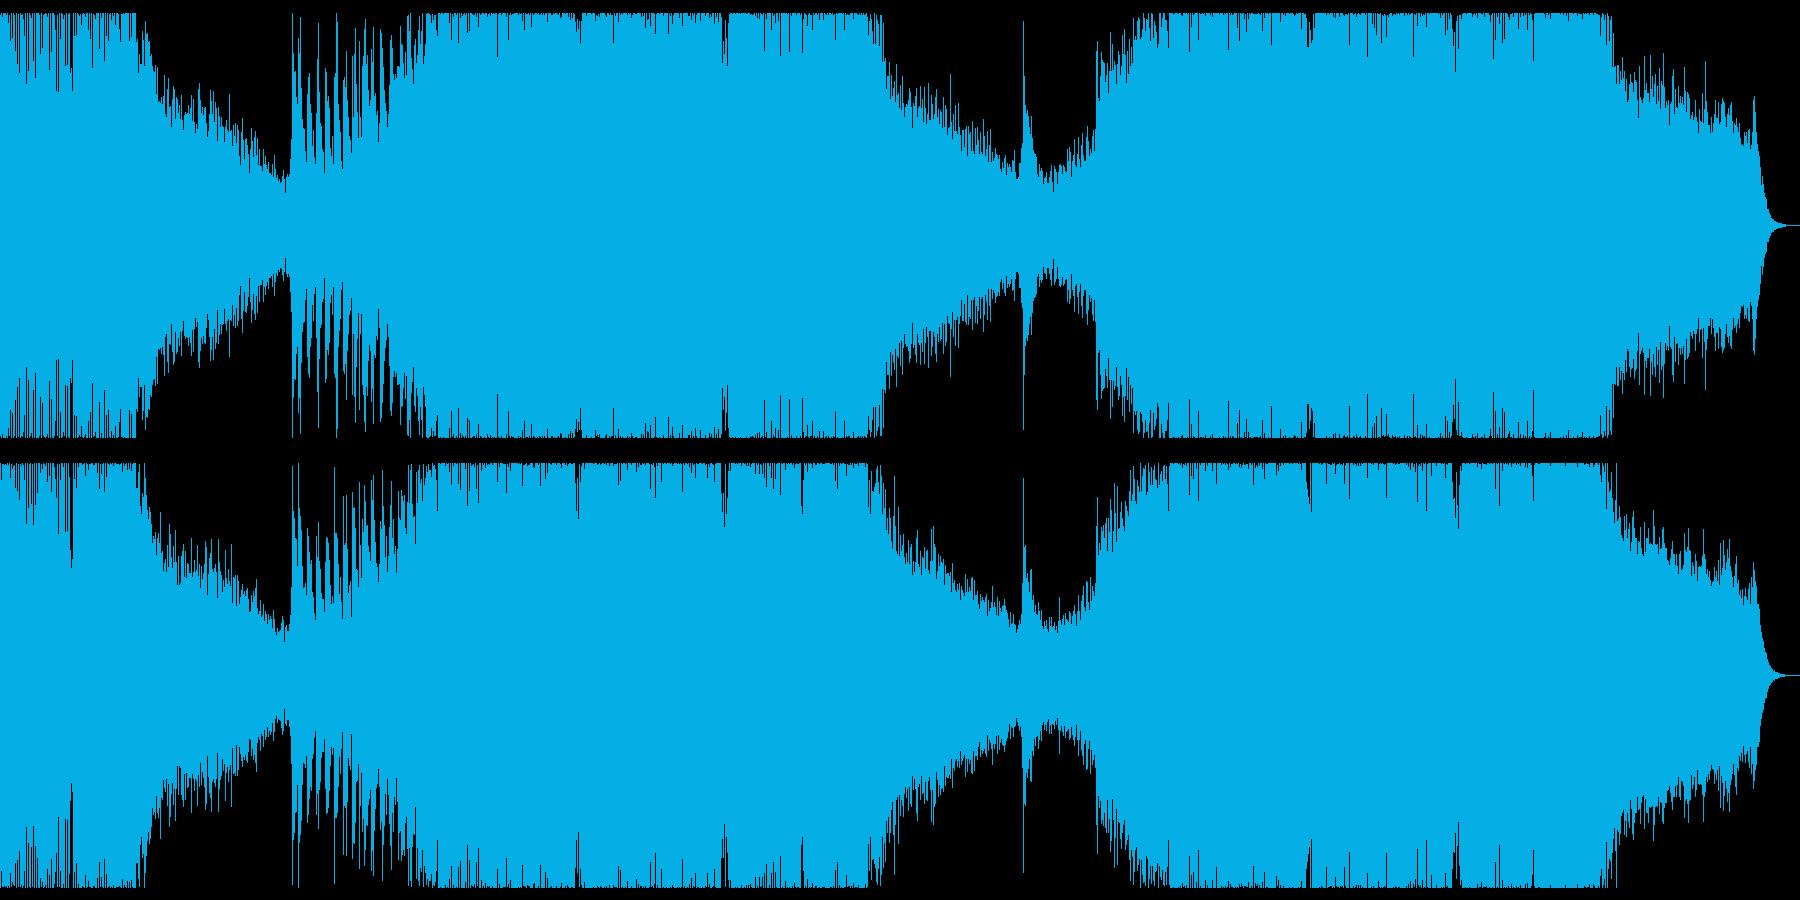 切なく感動的なプログレッシブハウス。の再生済みの波形